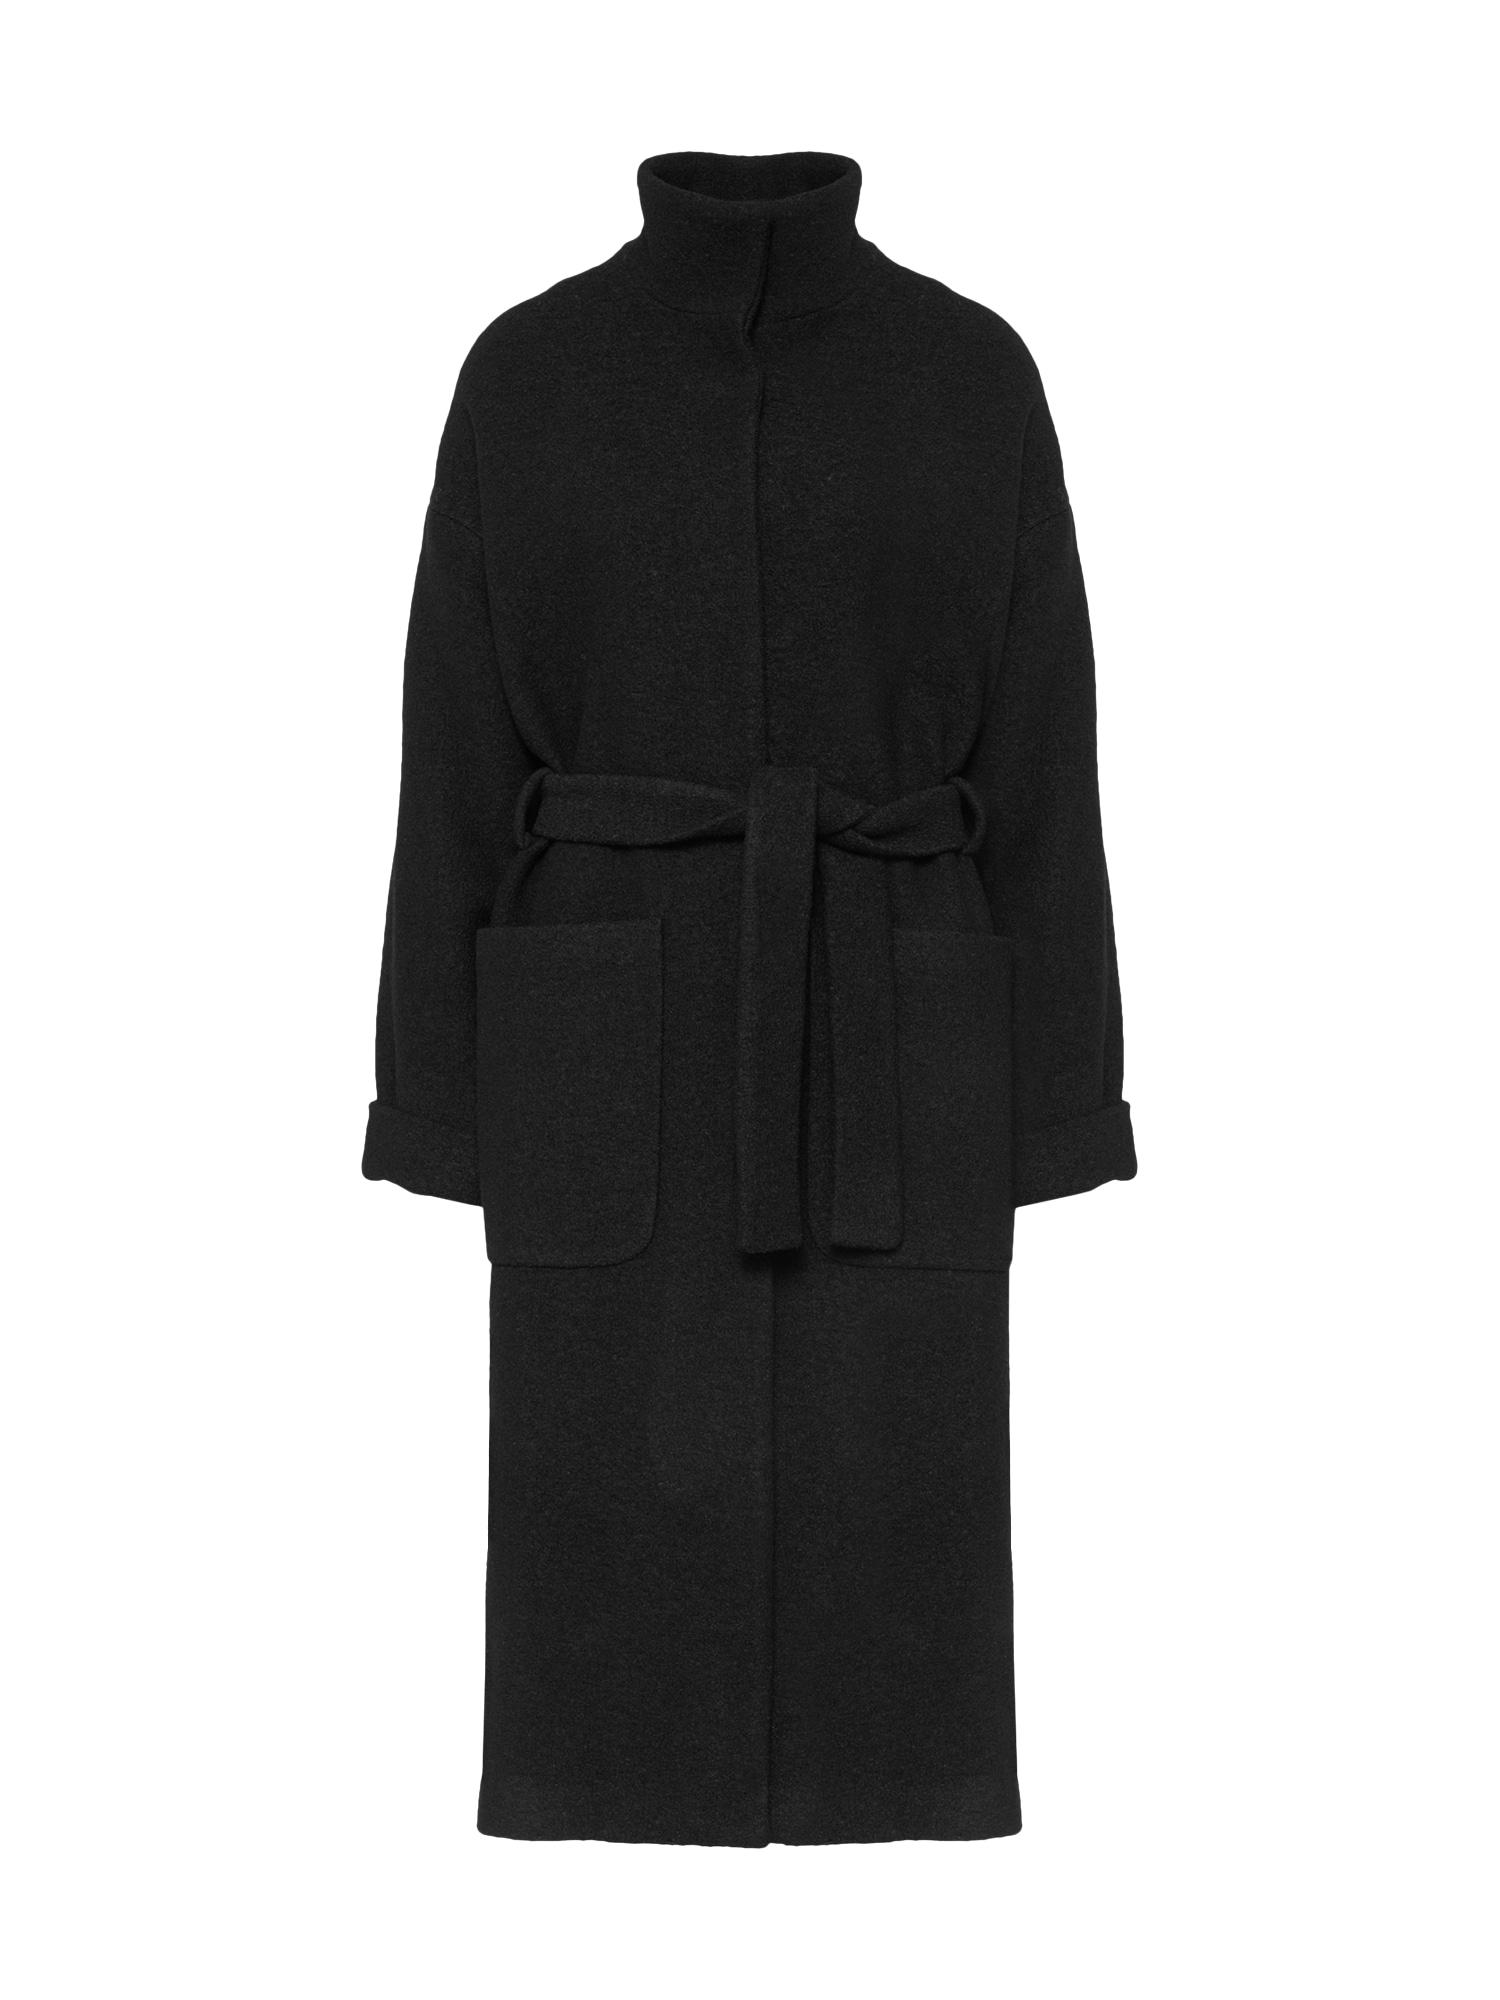 EDITED Rudeninis-žieminis paltas 'Yona' juoda